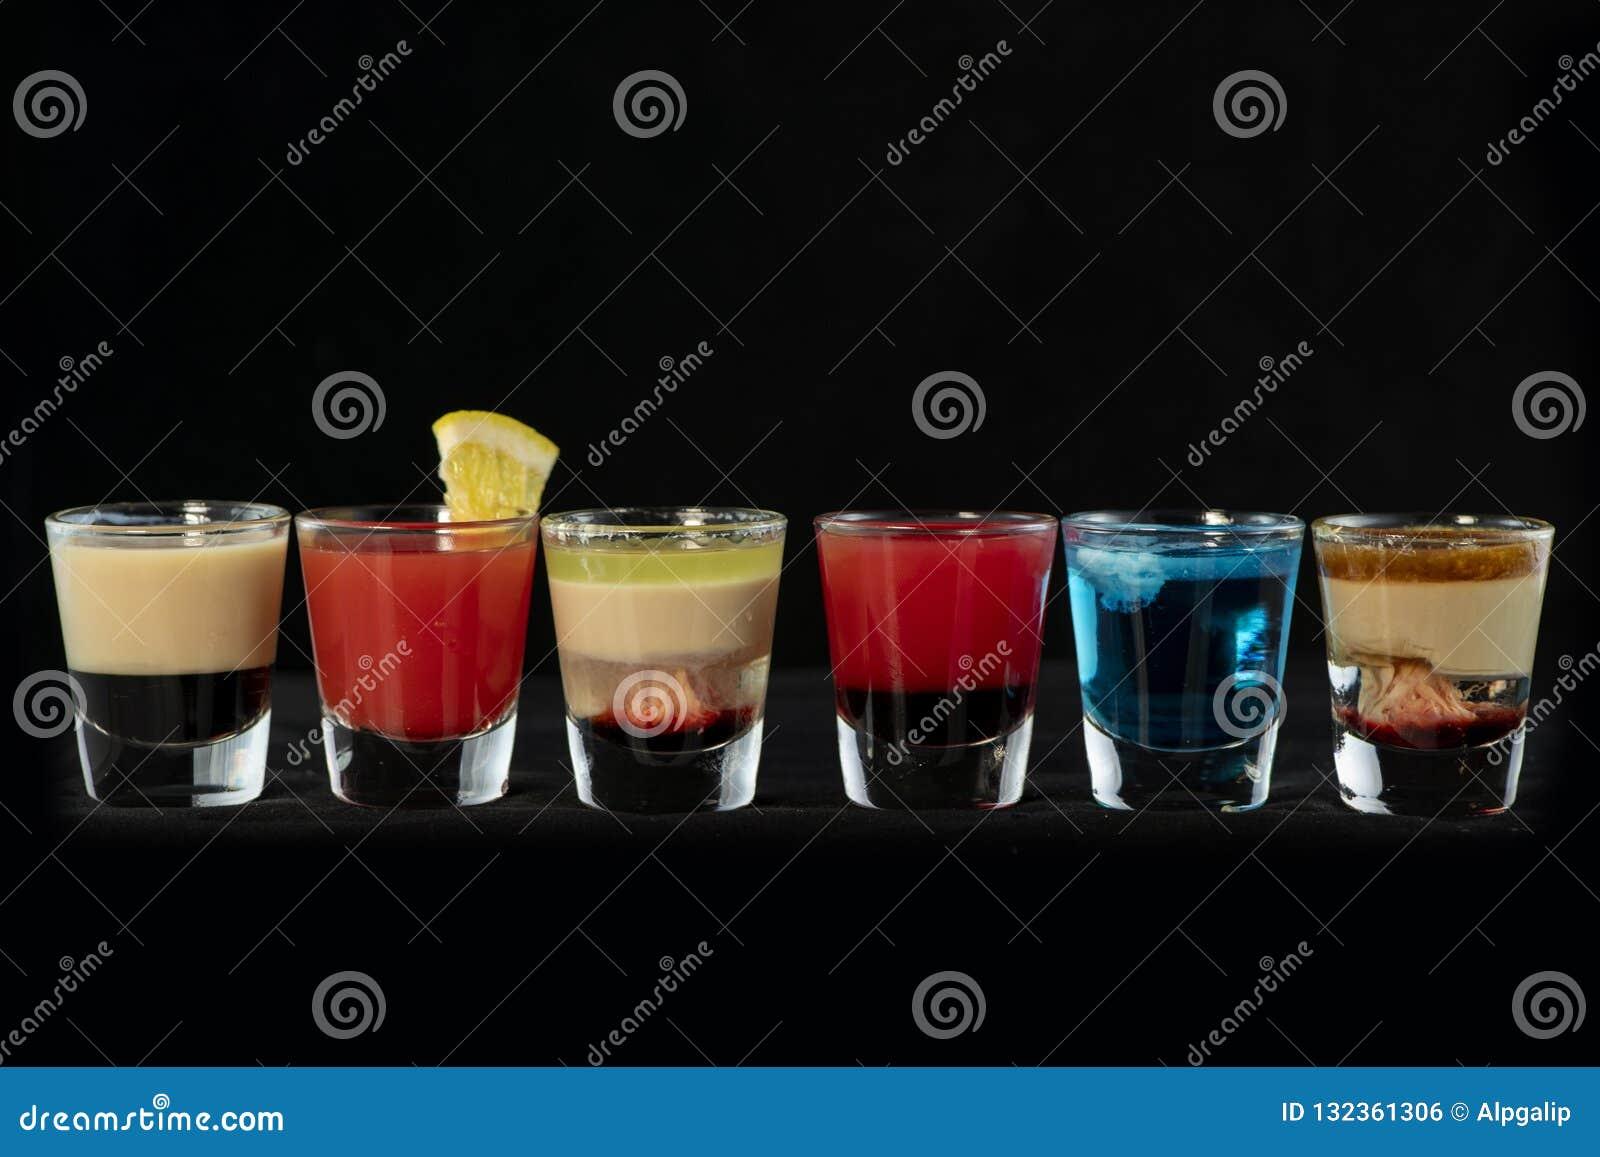 Съемки коктейля смешивания спиртные вместе с изолированной черной предпосылкой